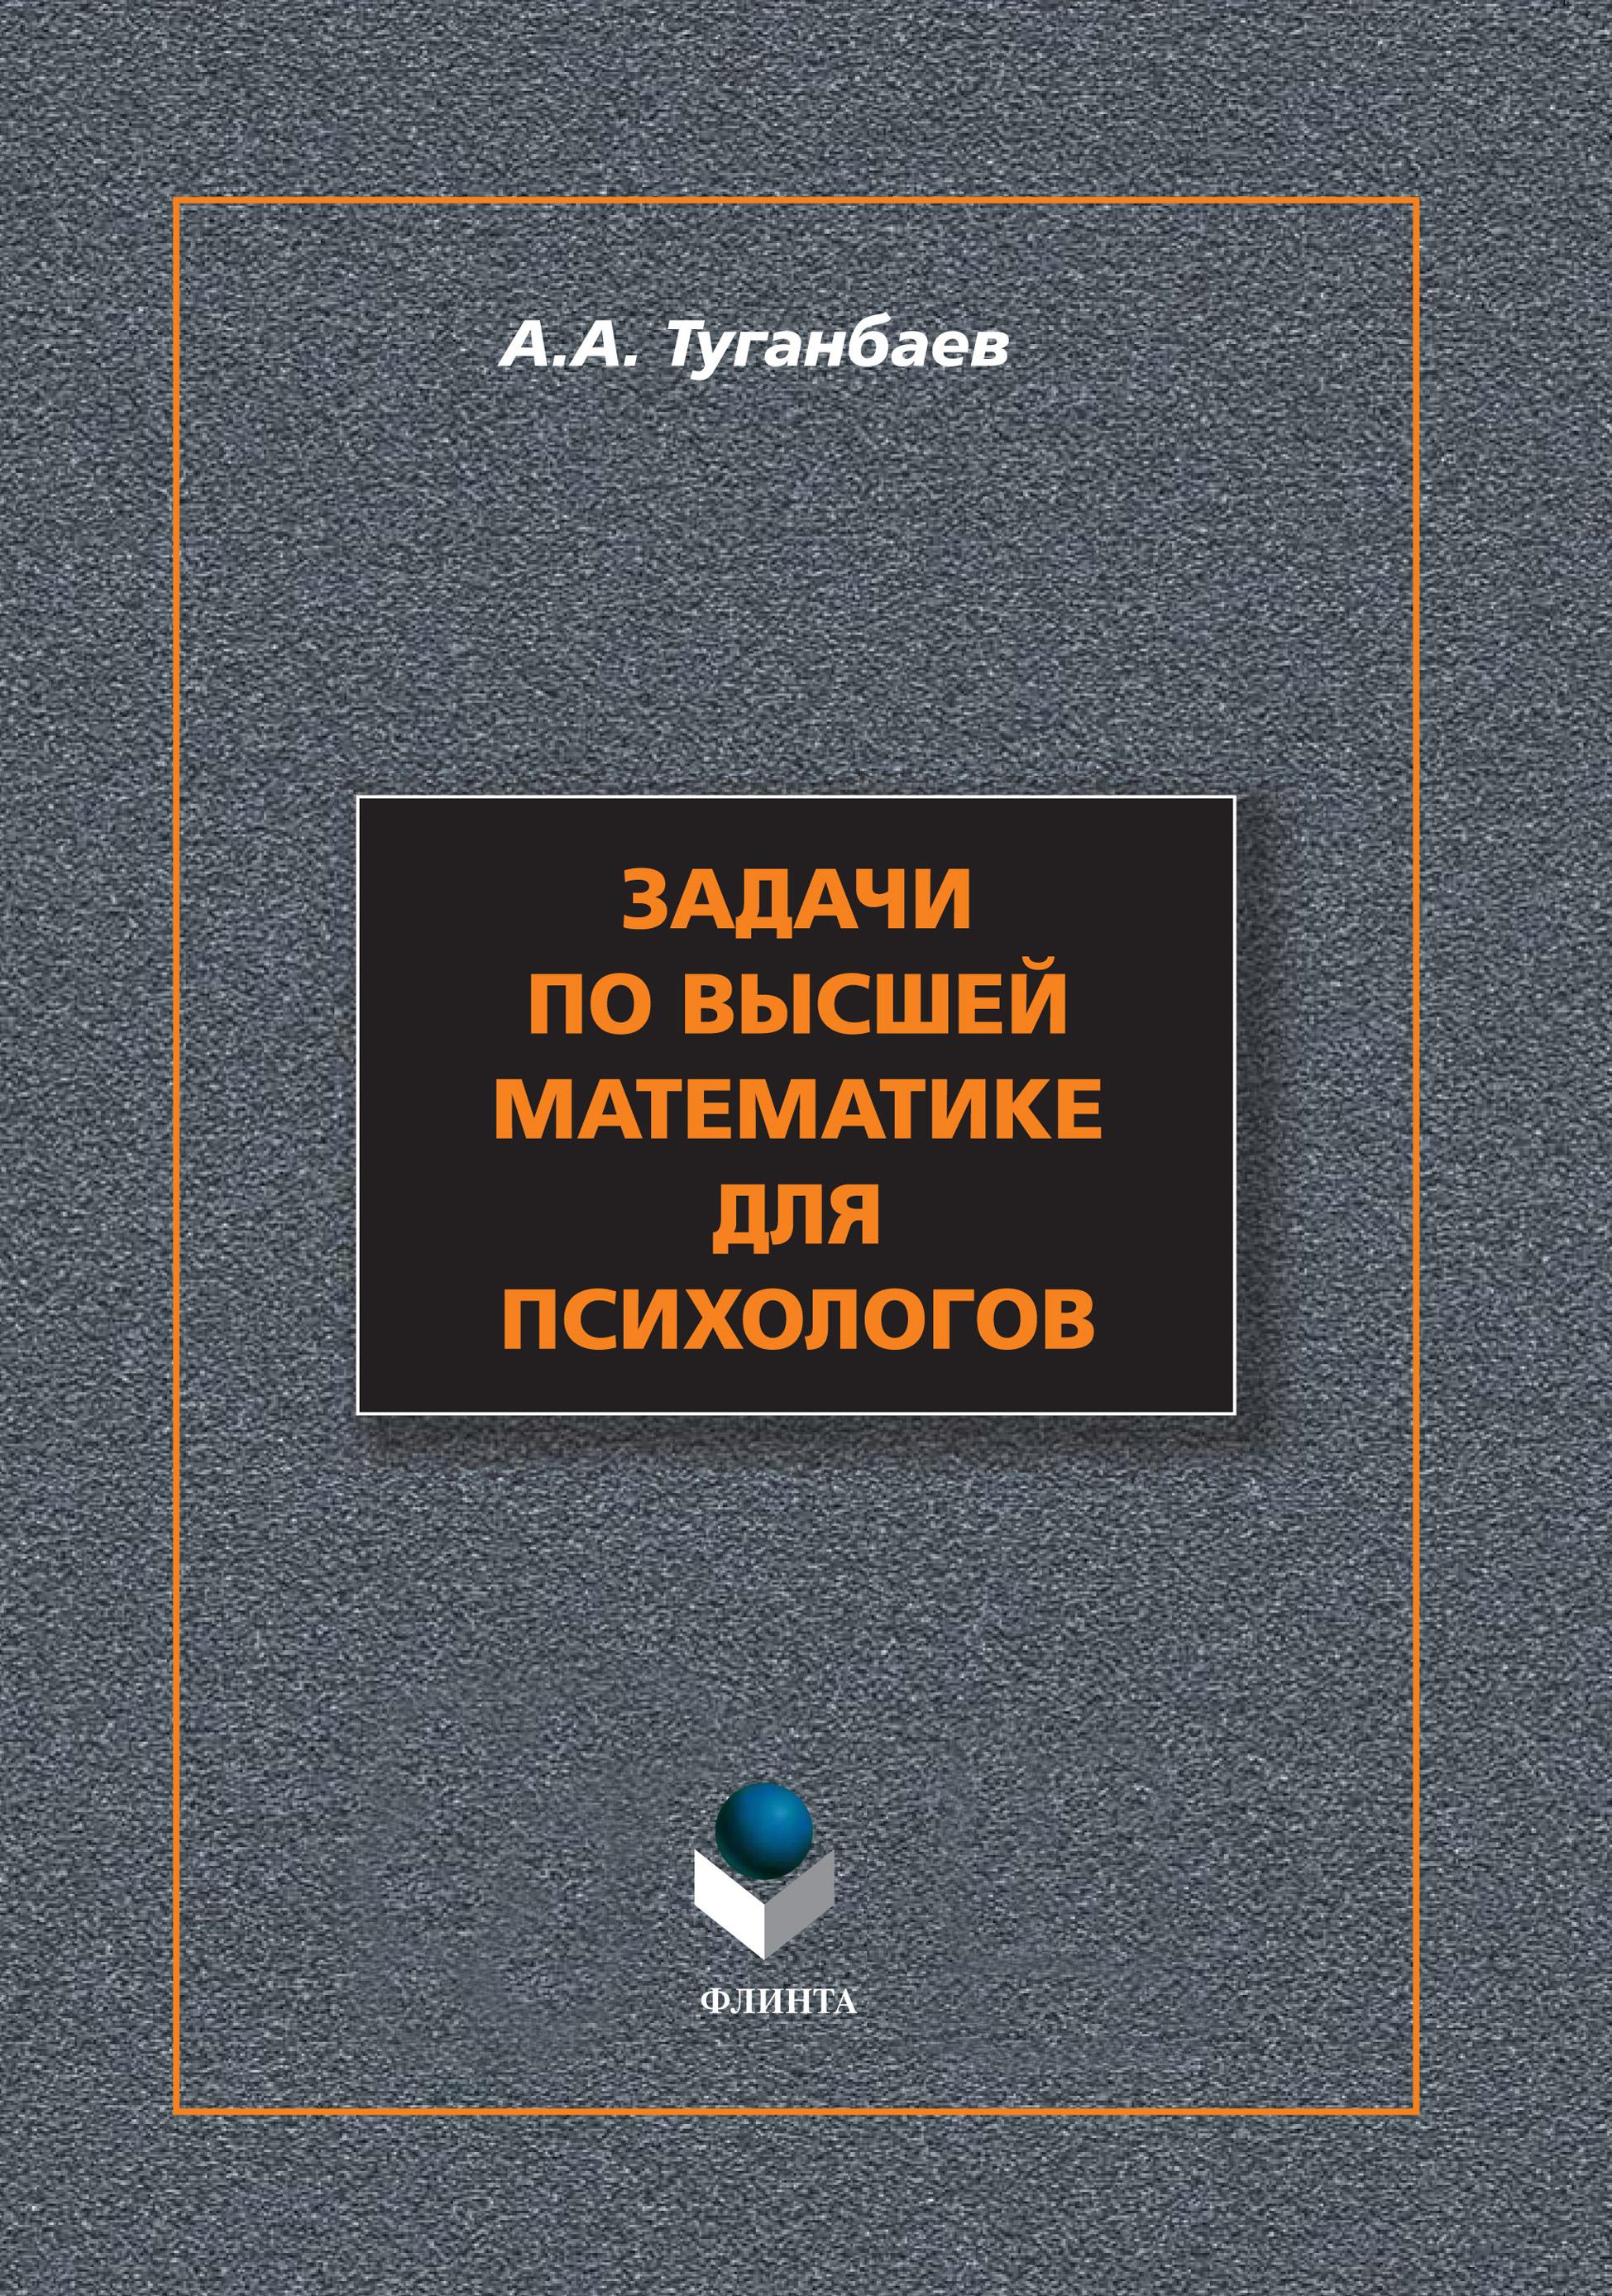 А. А. Туганбаев Задачи по высшей математике для психологов цены онлайн